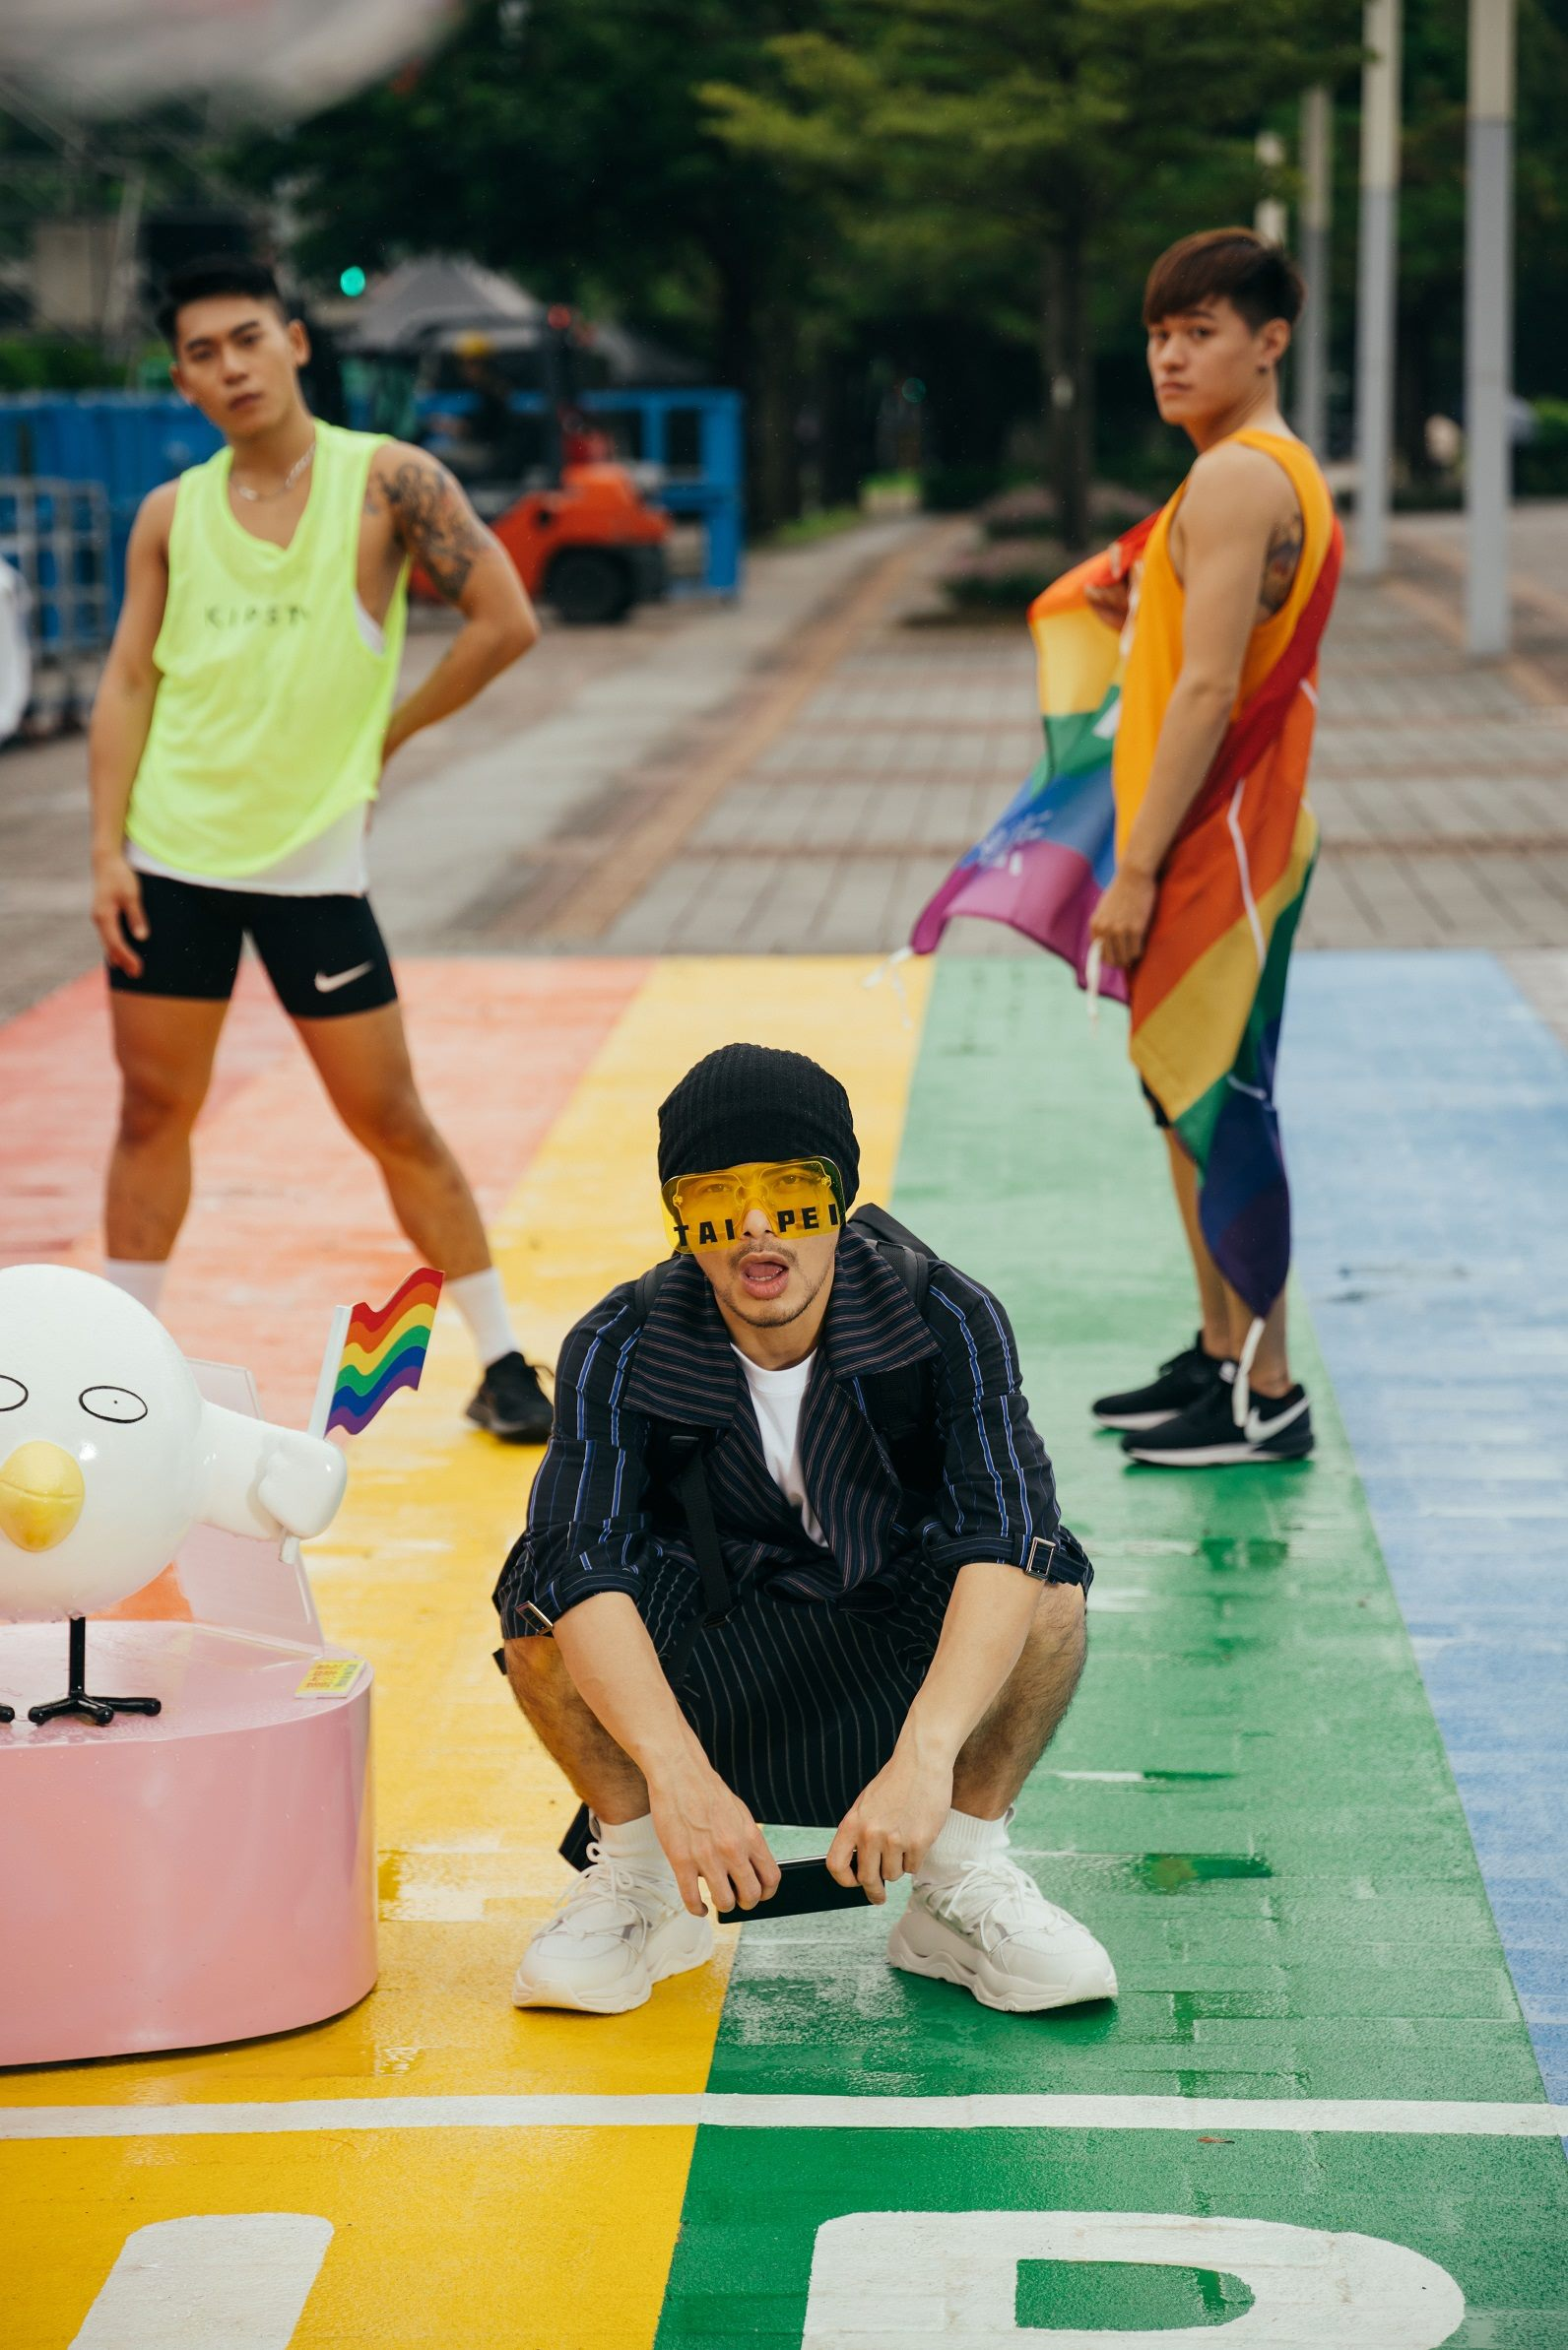 黃明志特地選在臺北著名景點市府前彩虹地景拍攝臺北主題曲MV,推廣臺北多元觀光主題